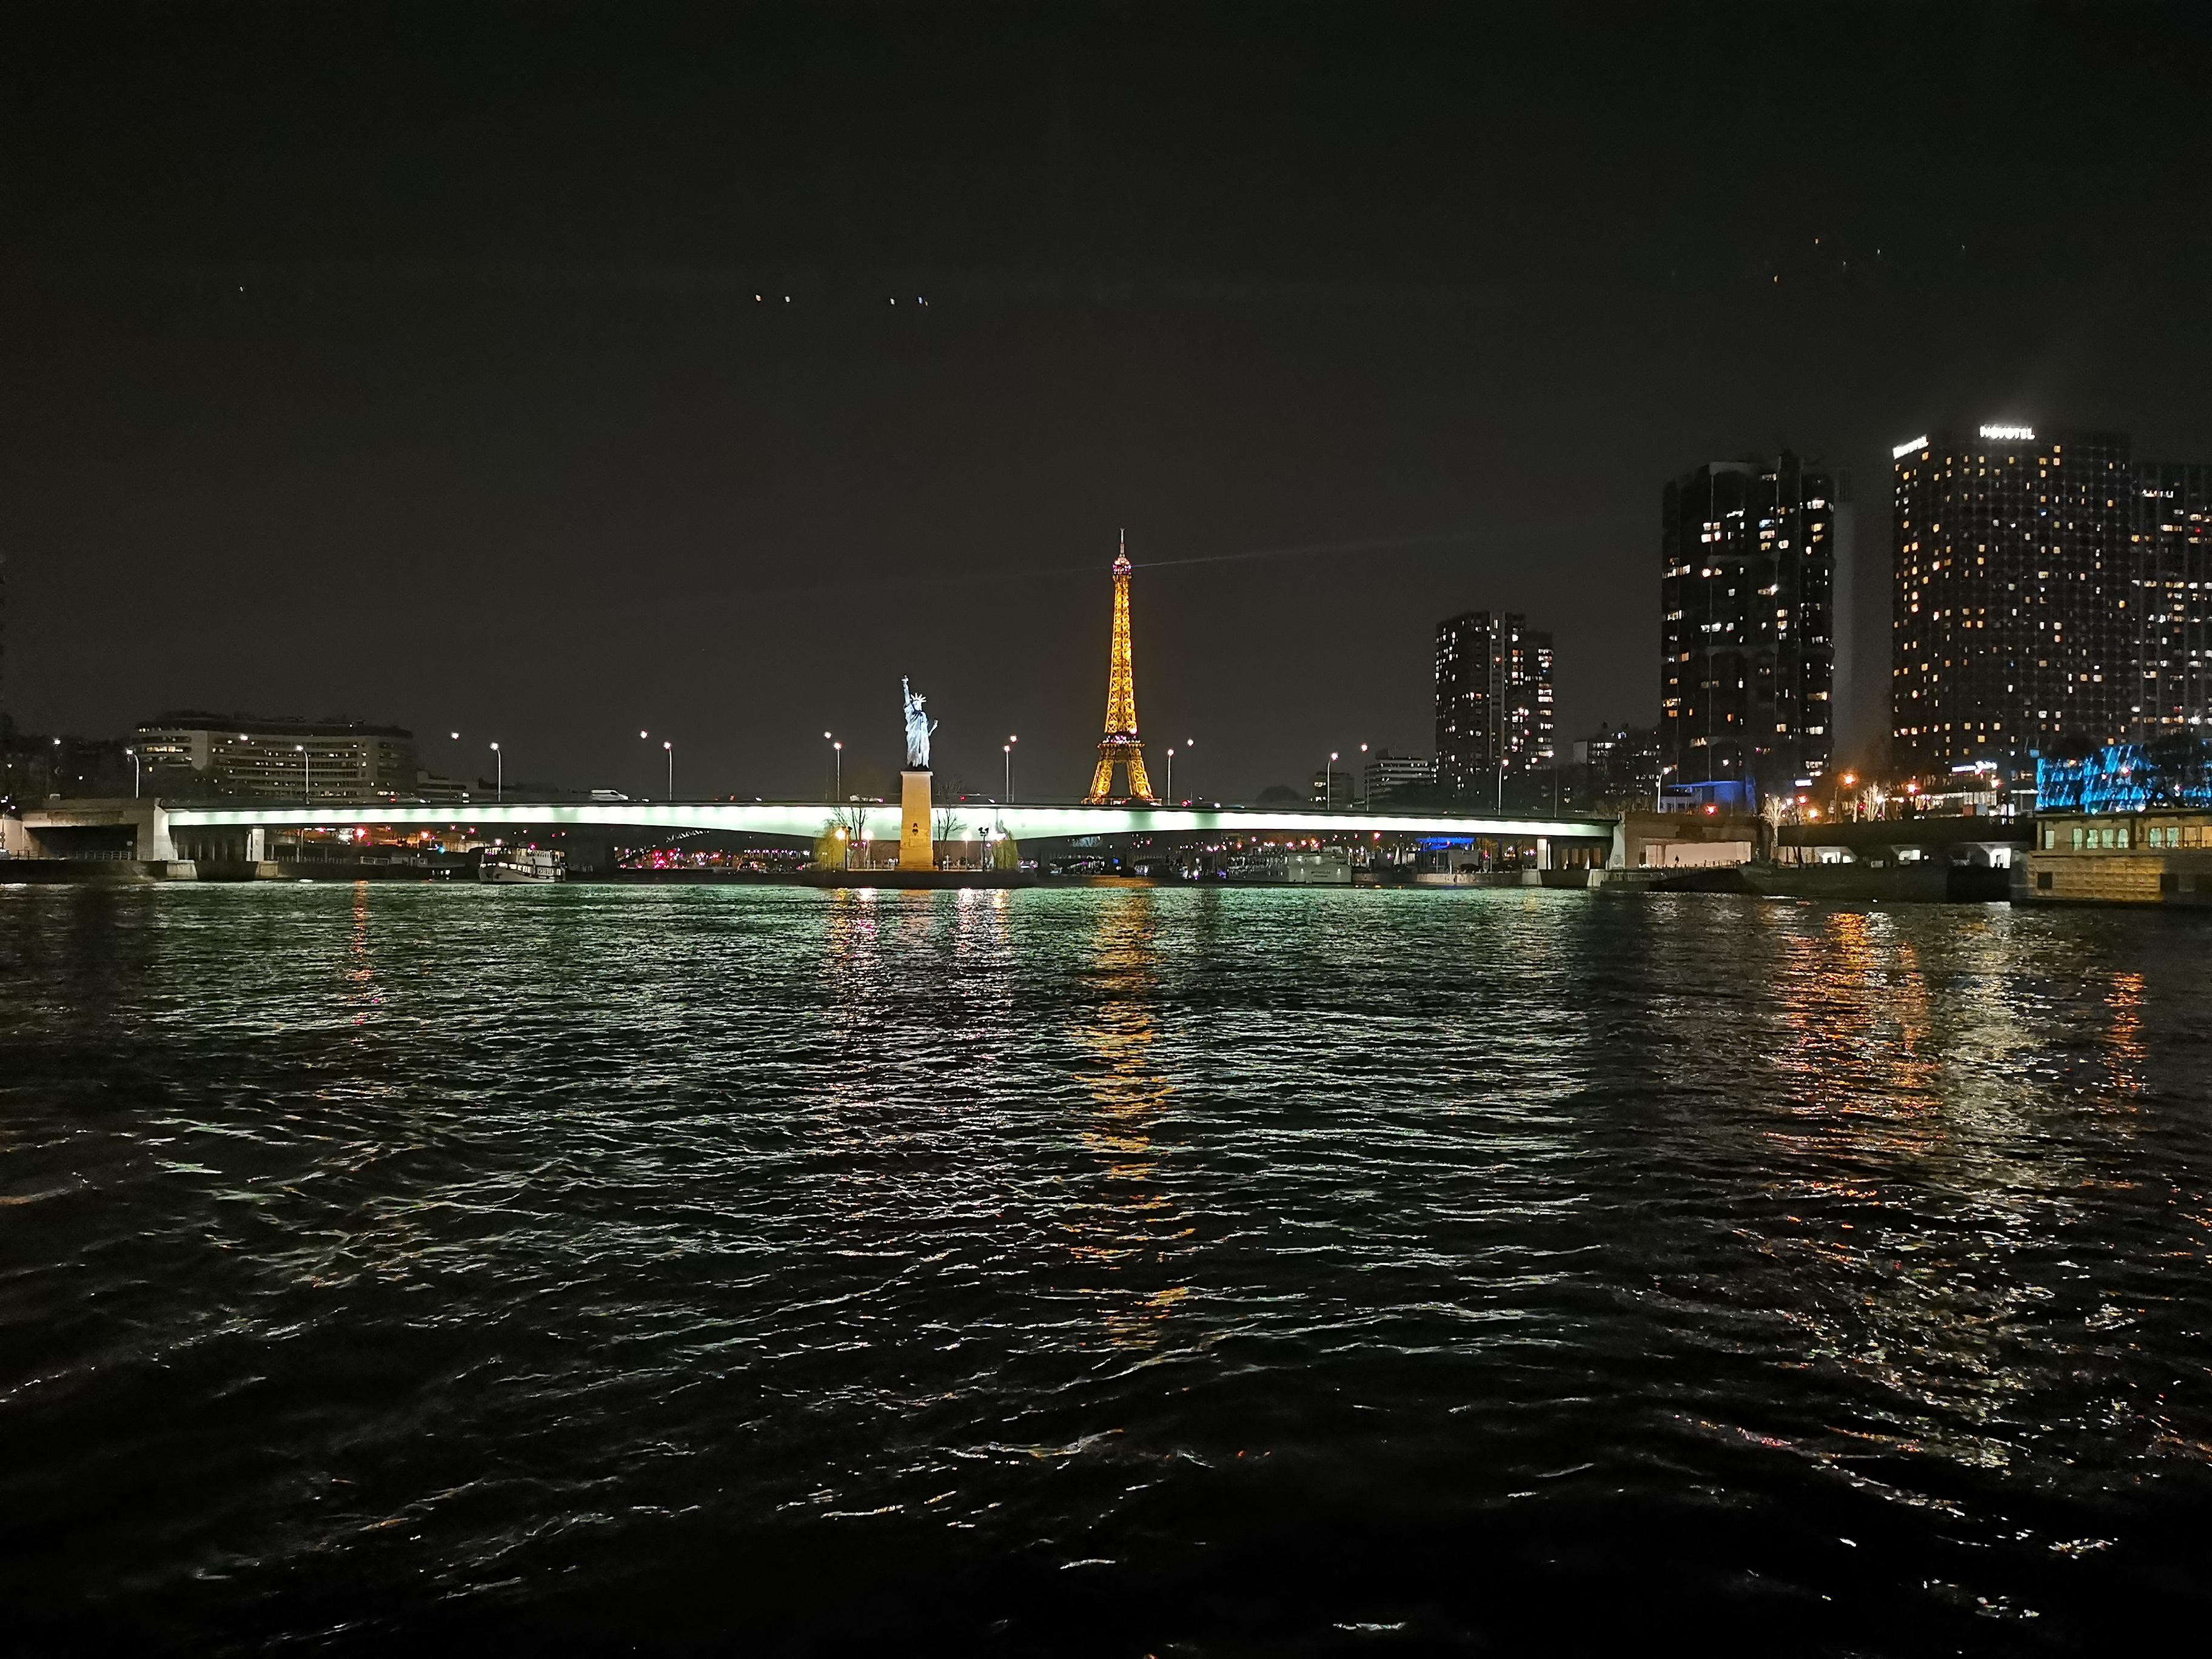 Parijs door de lenzen van de Huawei P30 Pro